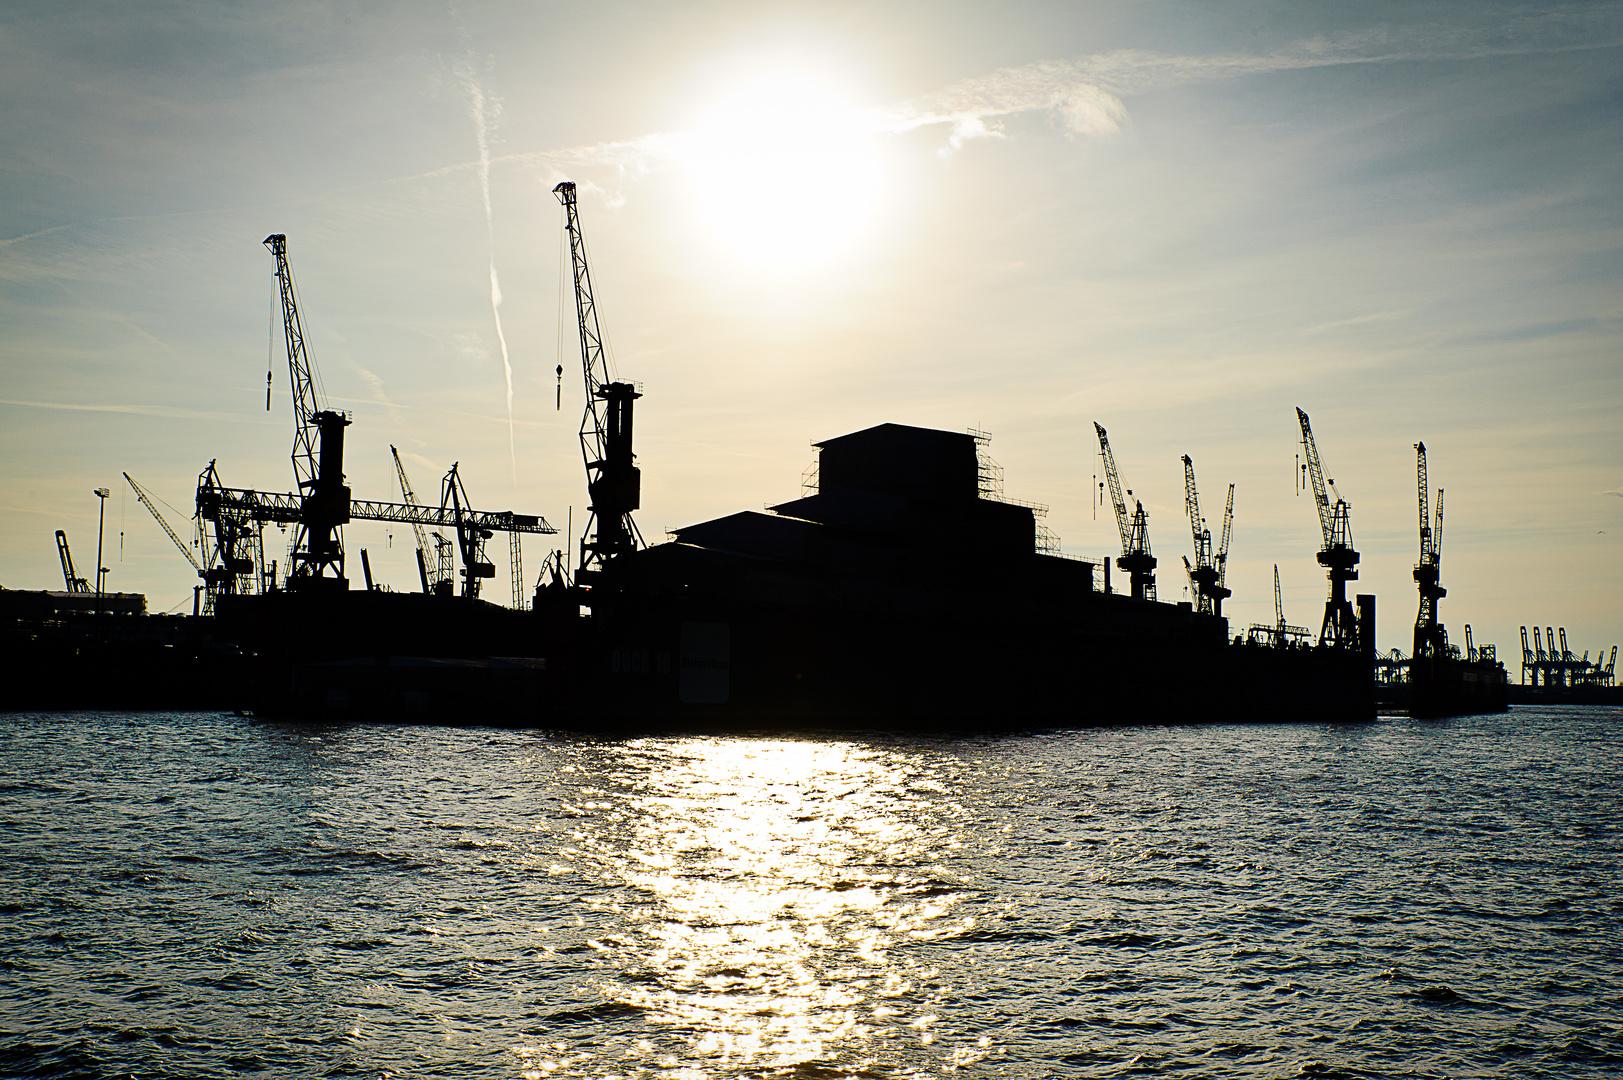 Dock 10 Silhouette, Hamburg